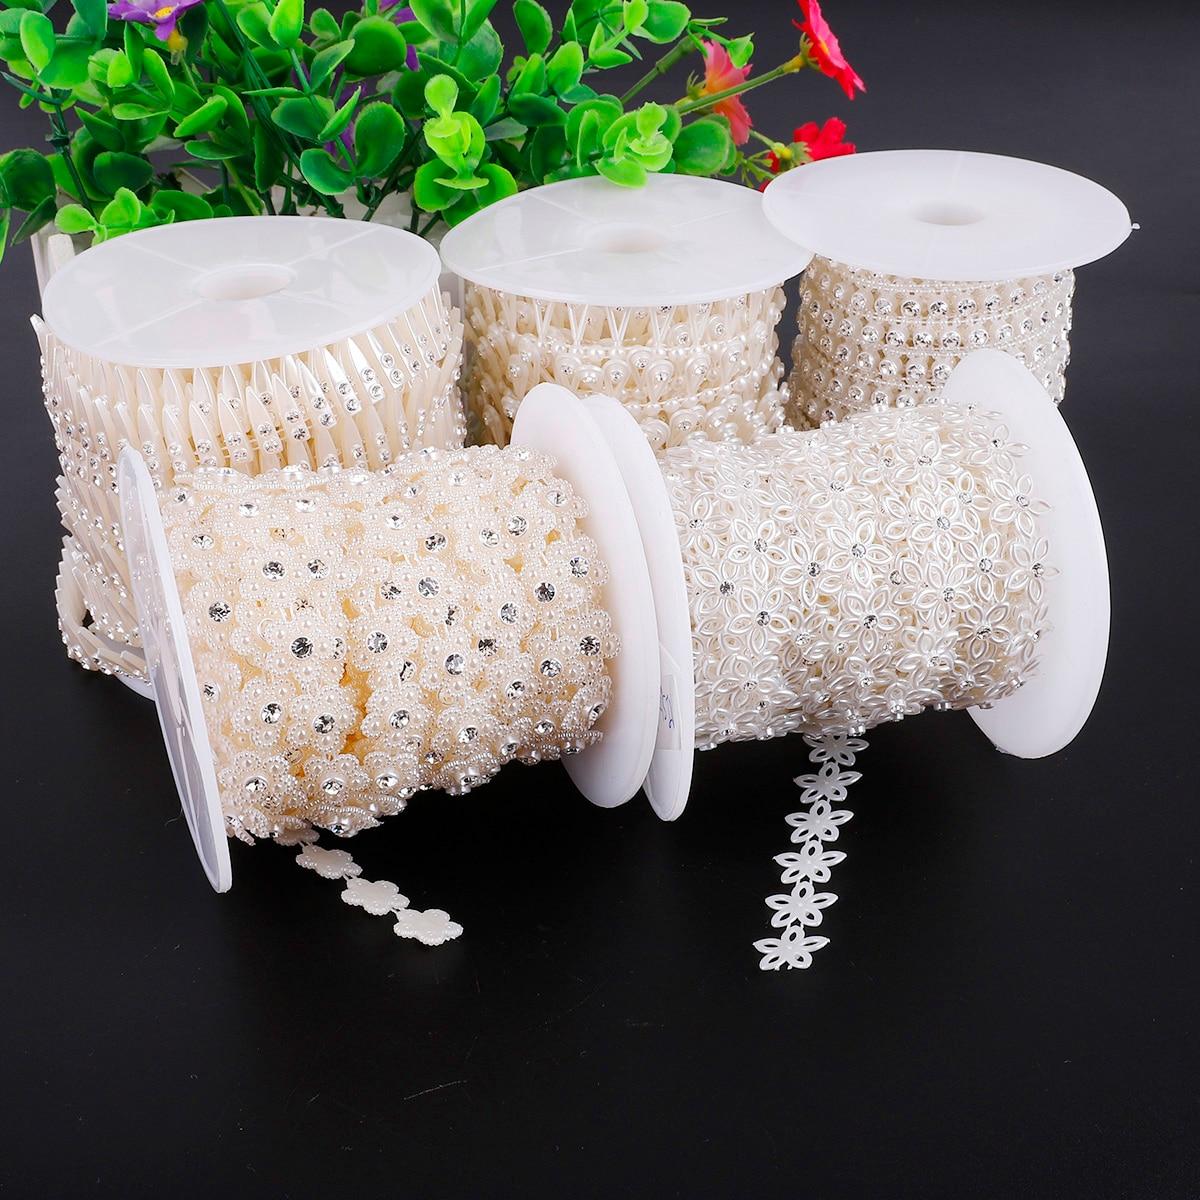 1-5 m/saco abs imitação pérola contas strass linha de corrente fio cabo guarnição para fazer jóias diy festa de casamento artesanato acessórios